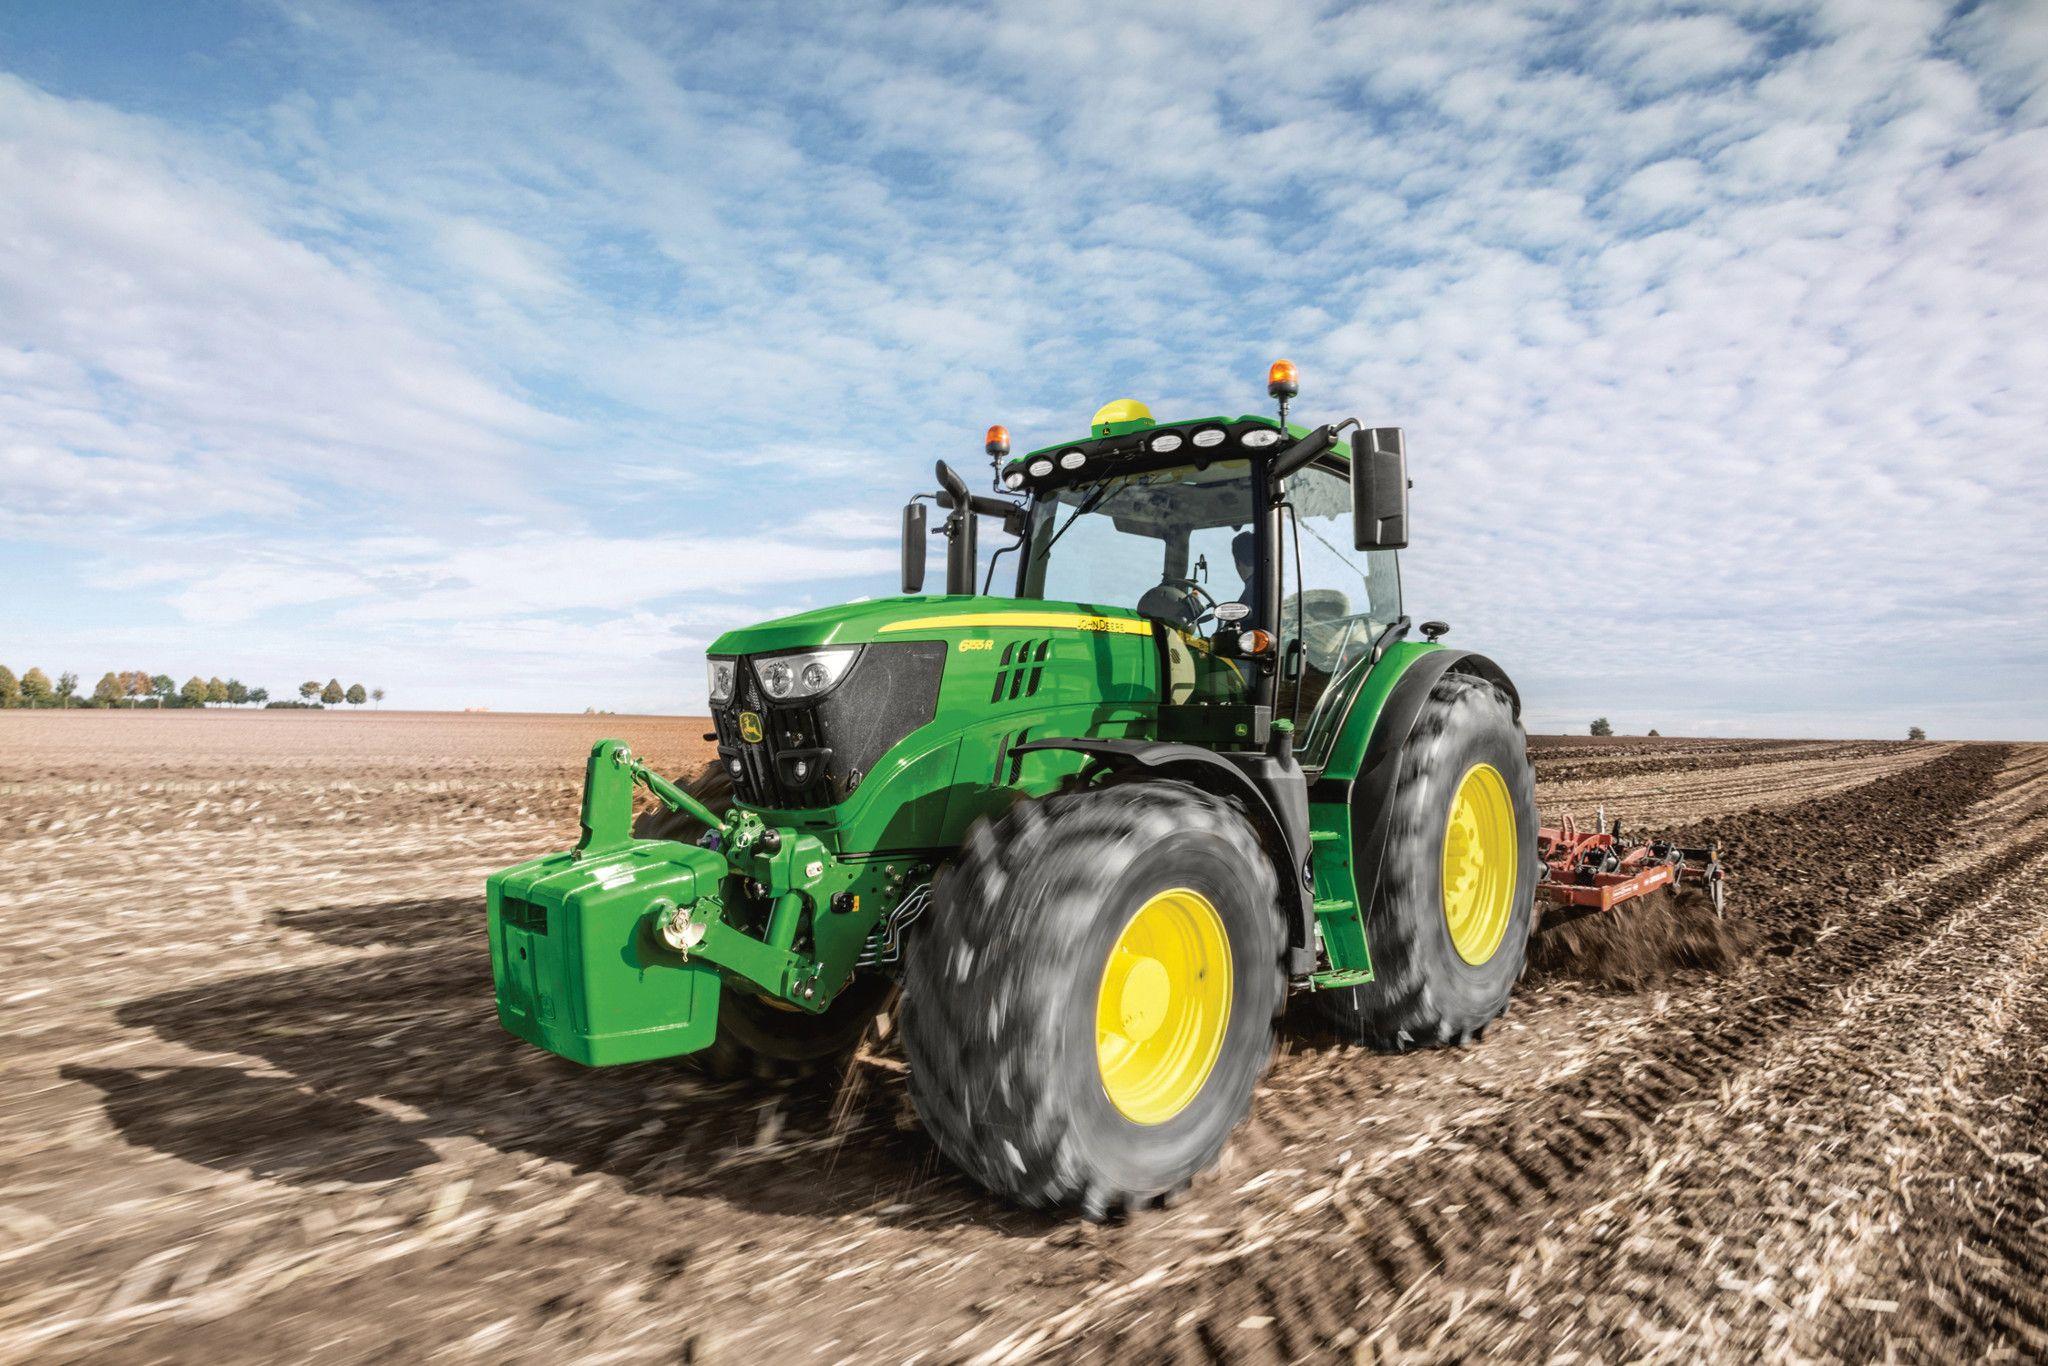 5 cosas que debes saber y que nadie te dirá antes de cambiar de tractor: No solo se deben valorar las prestaciones sino el mantenimiento